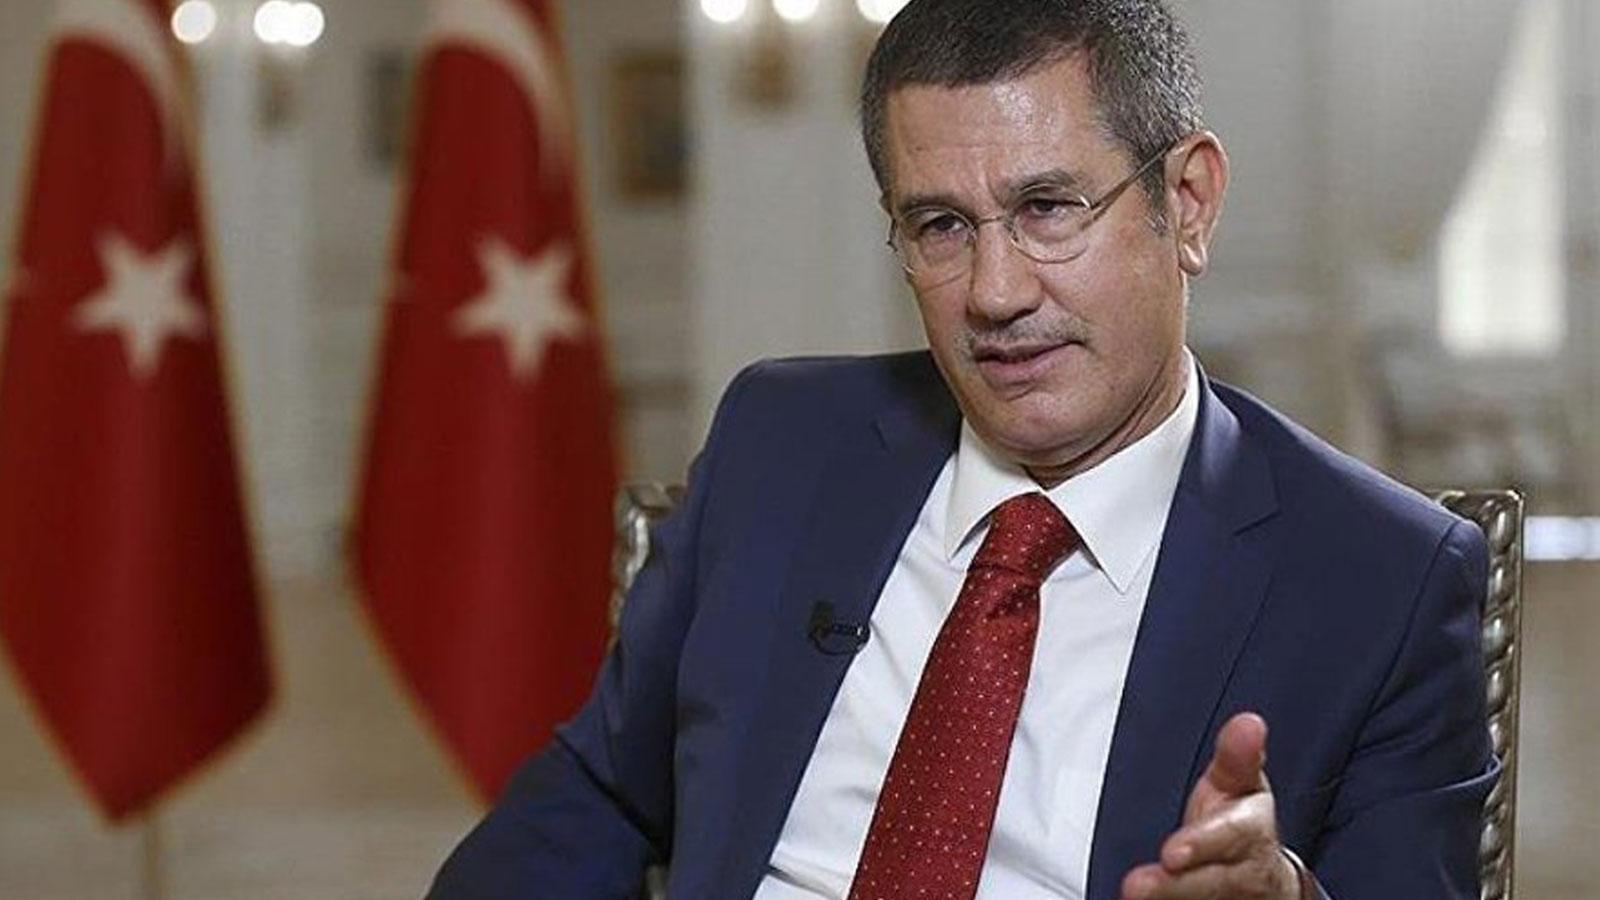 AKP'li Canikli'den 'sel' yorumu: Afetin yapılaşmayla ilgisi yok, toprak suya doyunca kayganlaşıyor